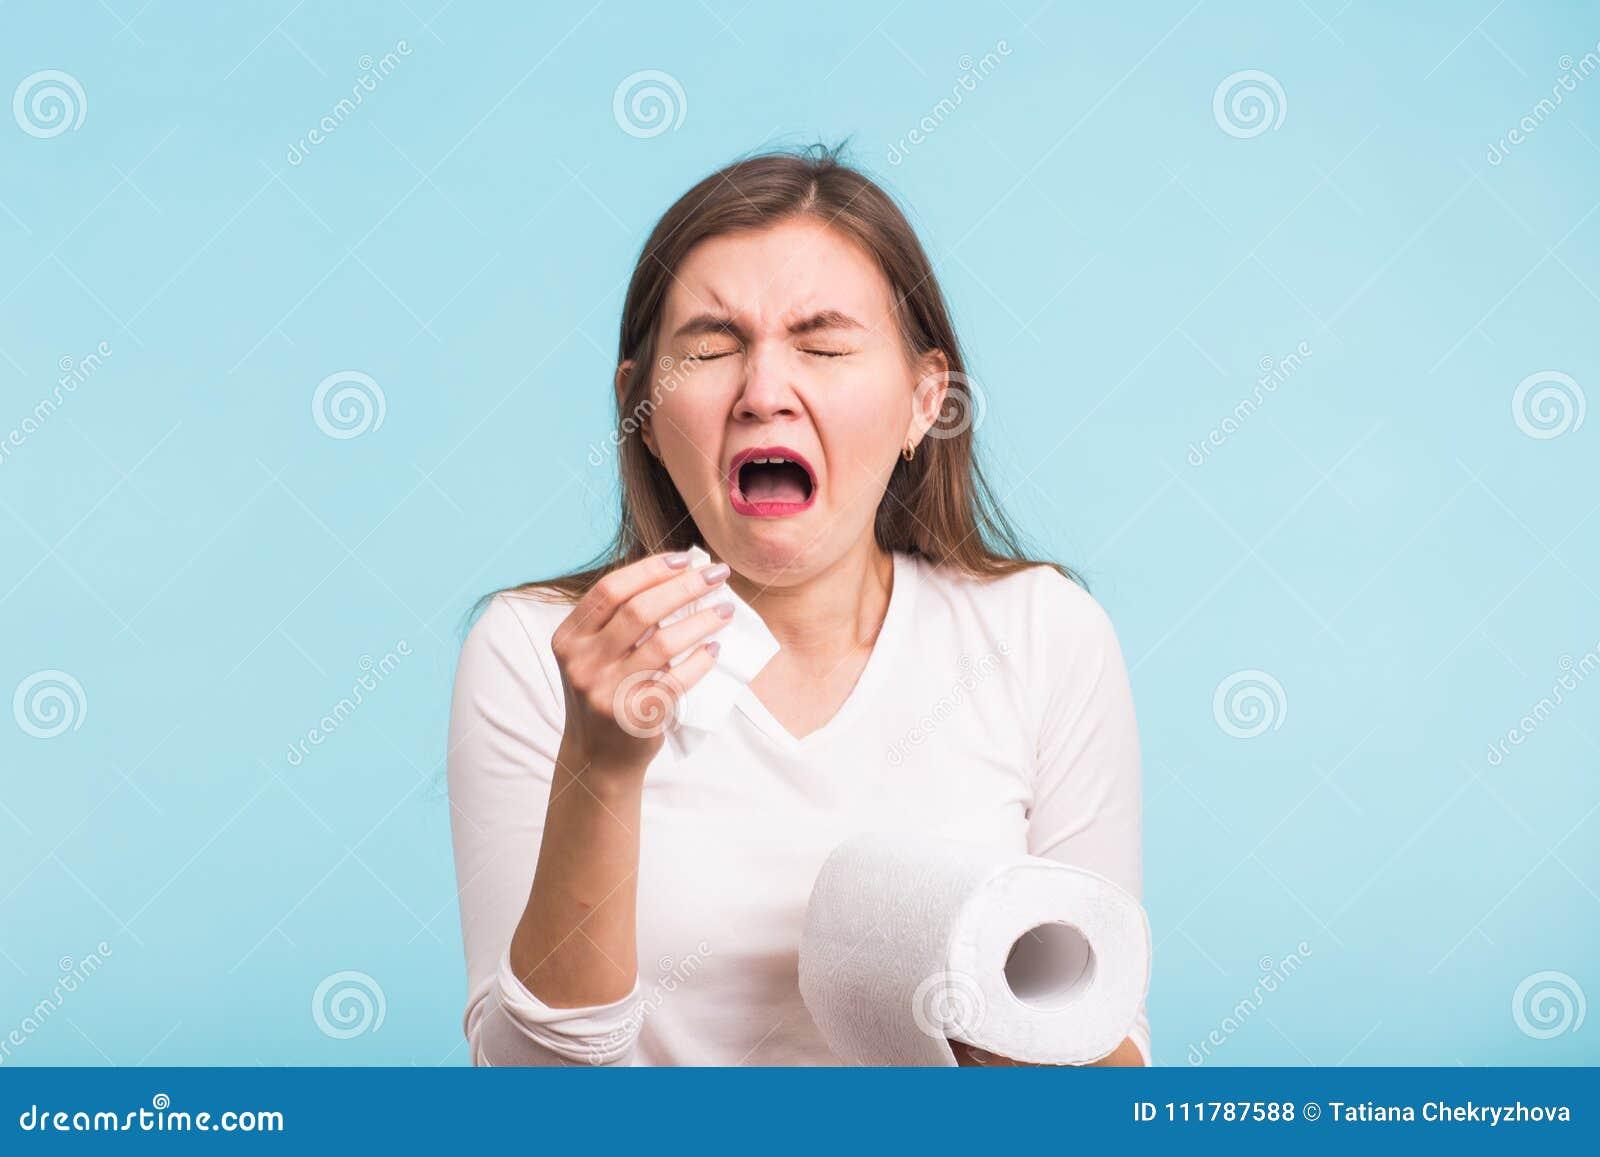 Concepto De Estornudo Del Retrato Del Estudio De La Mujer En Fondo